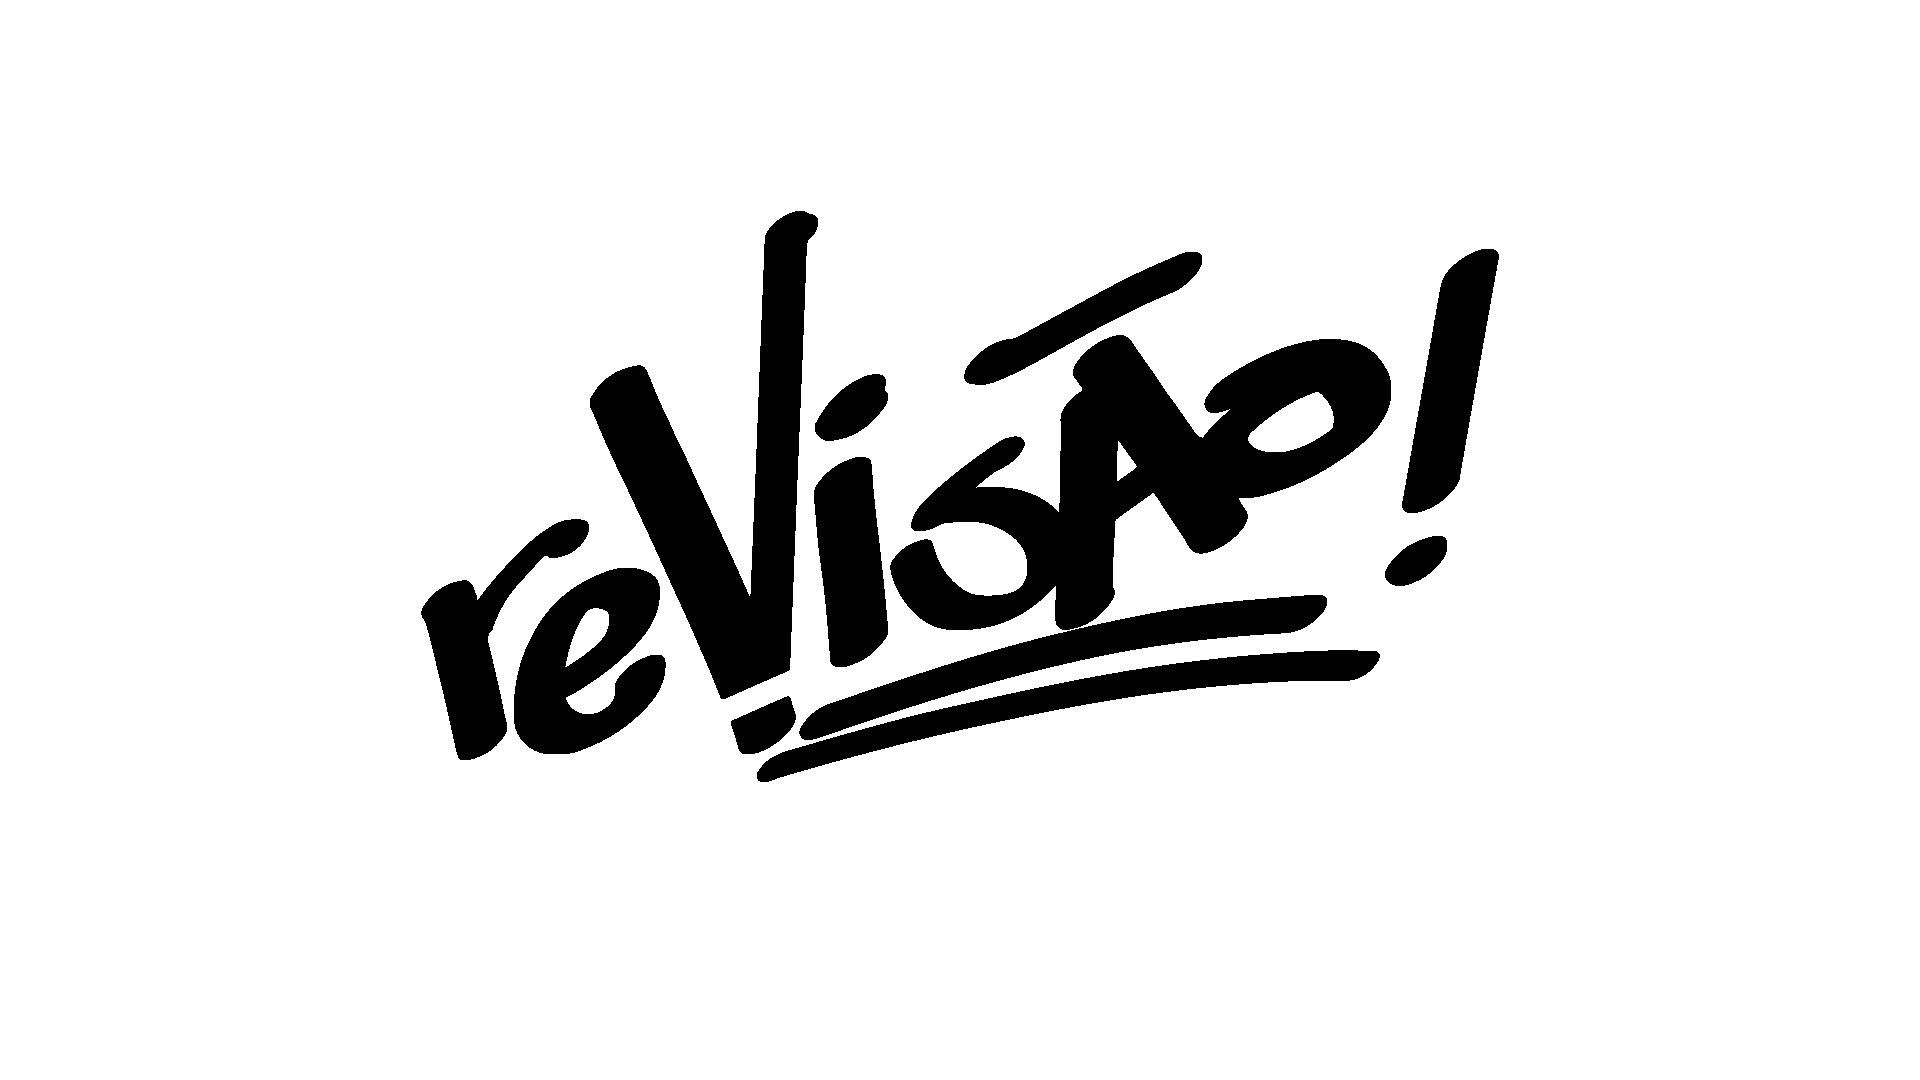 Canal reVisão